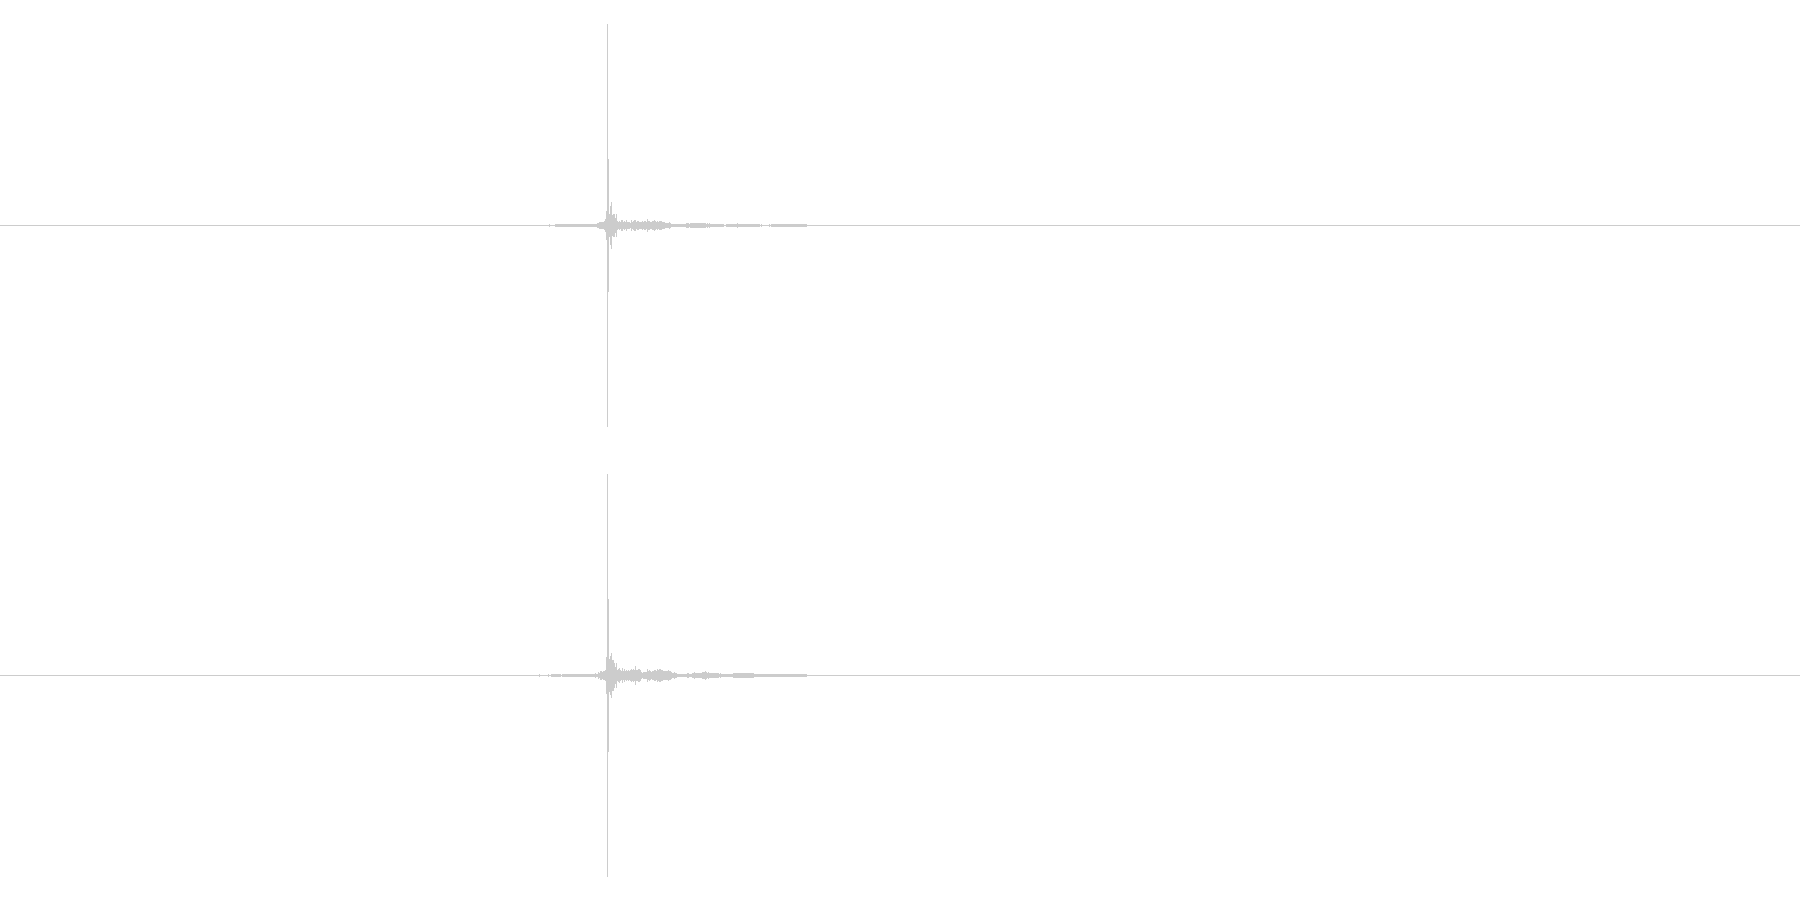 【録音】コイントスの音の未再生の波形